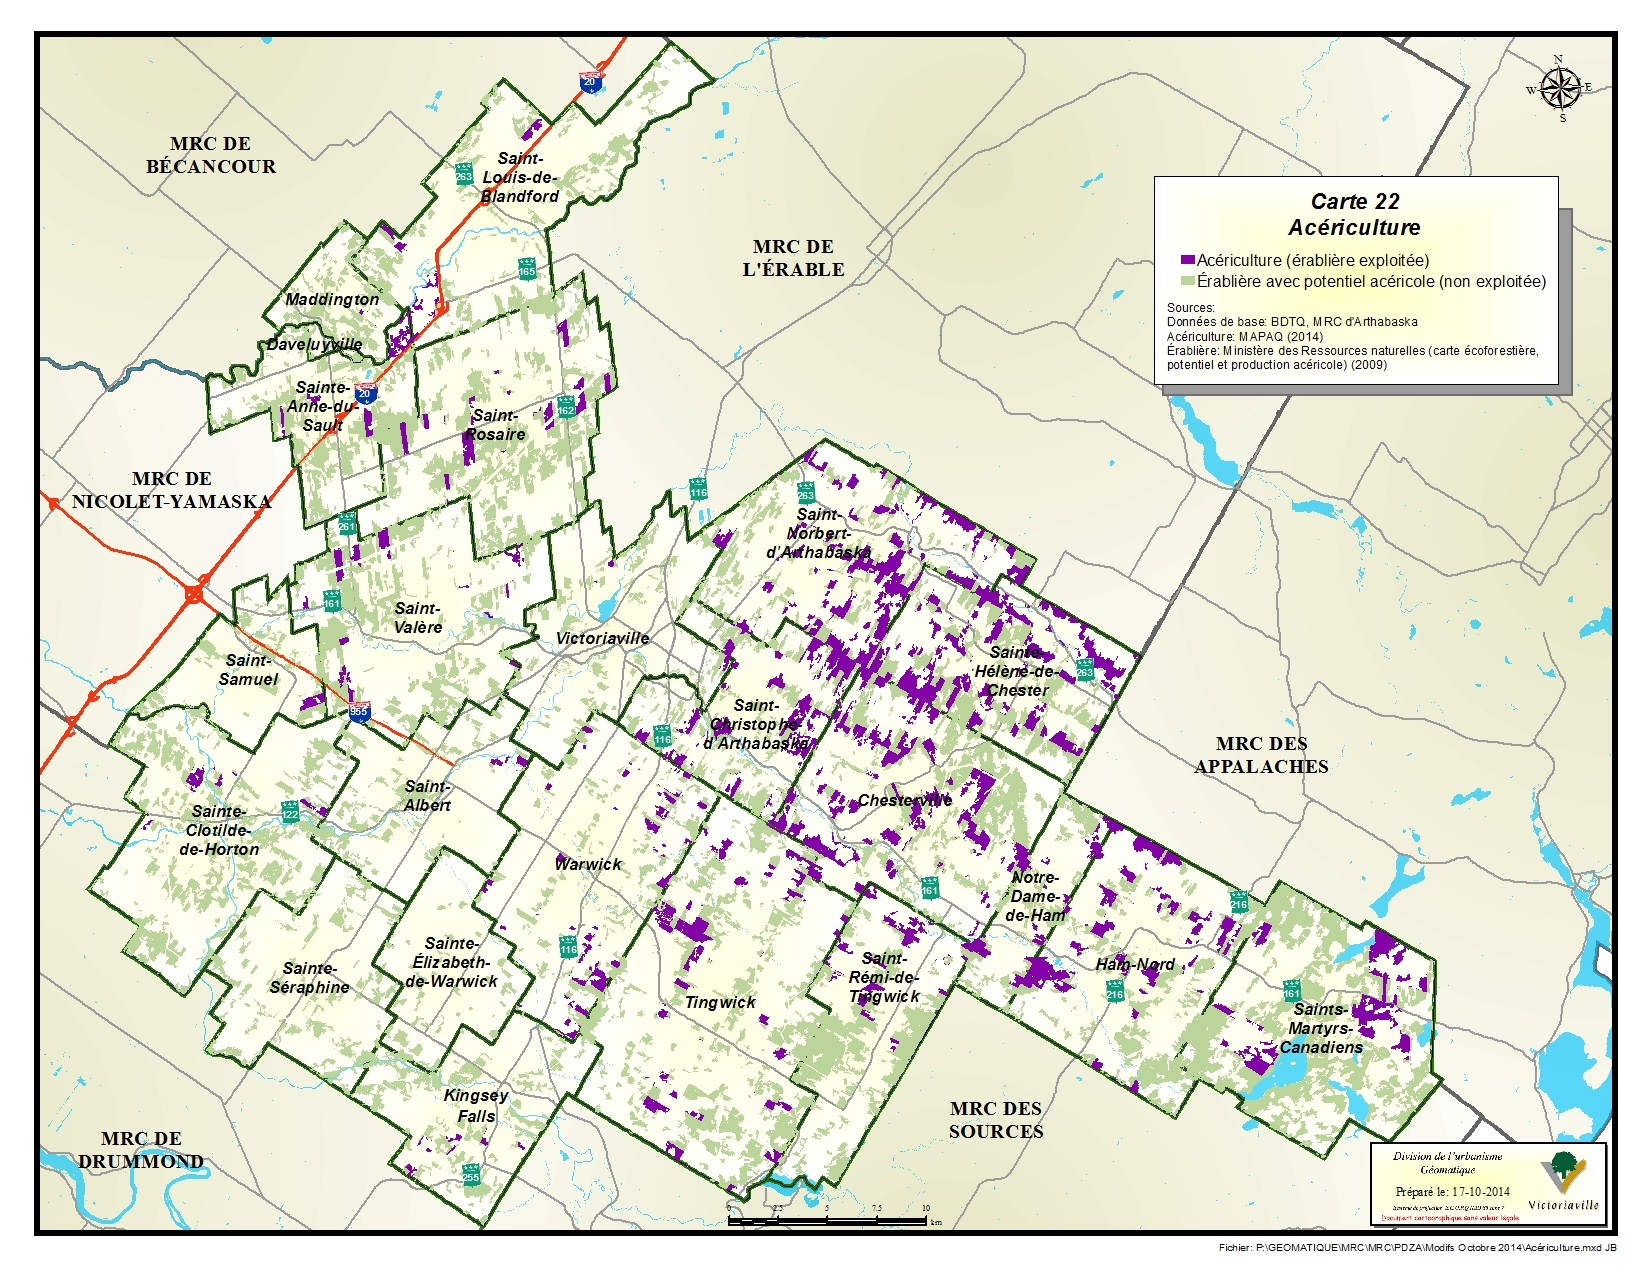 Carte 22 de 23 - Acériculture